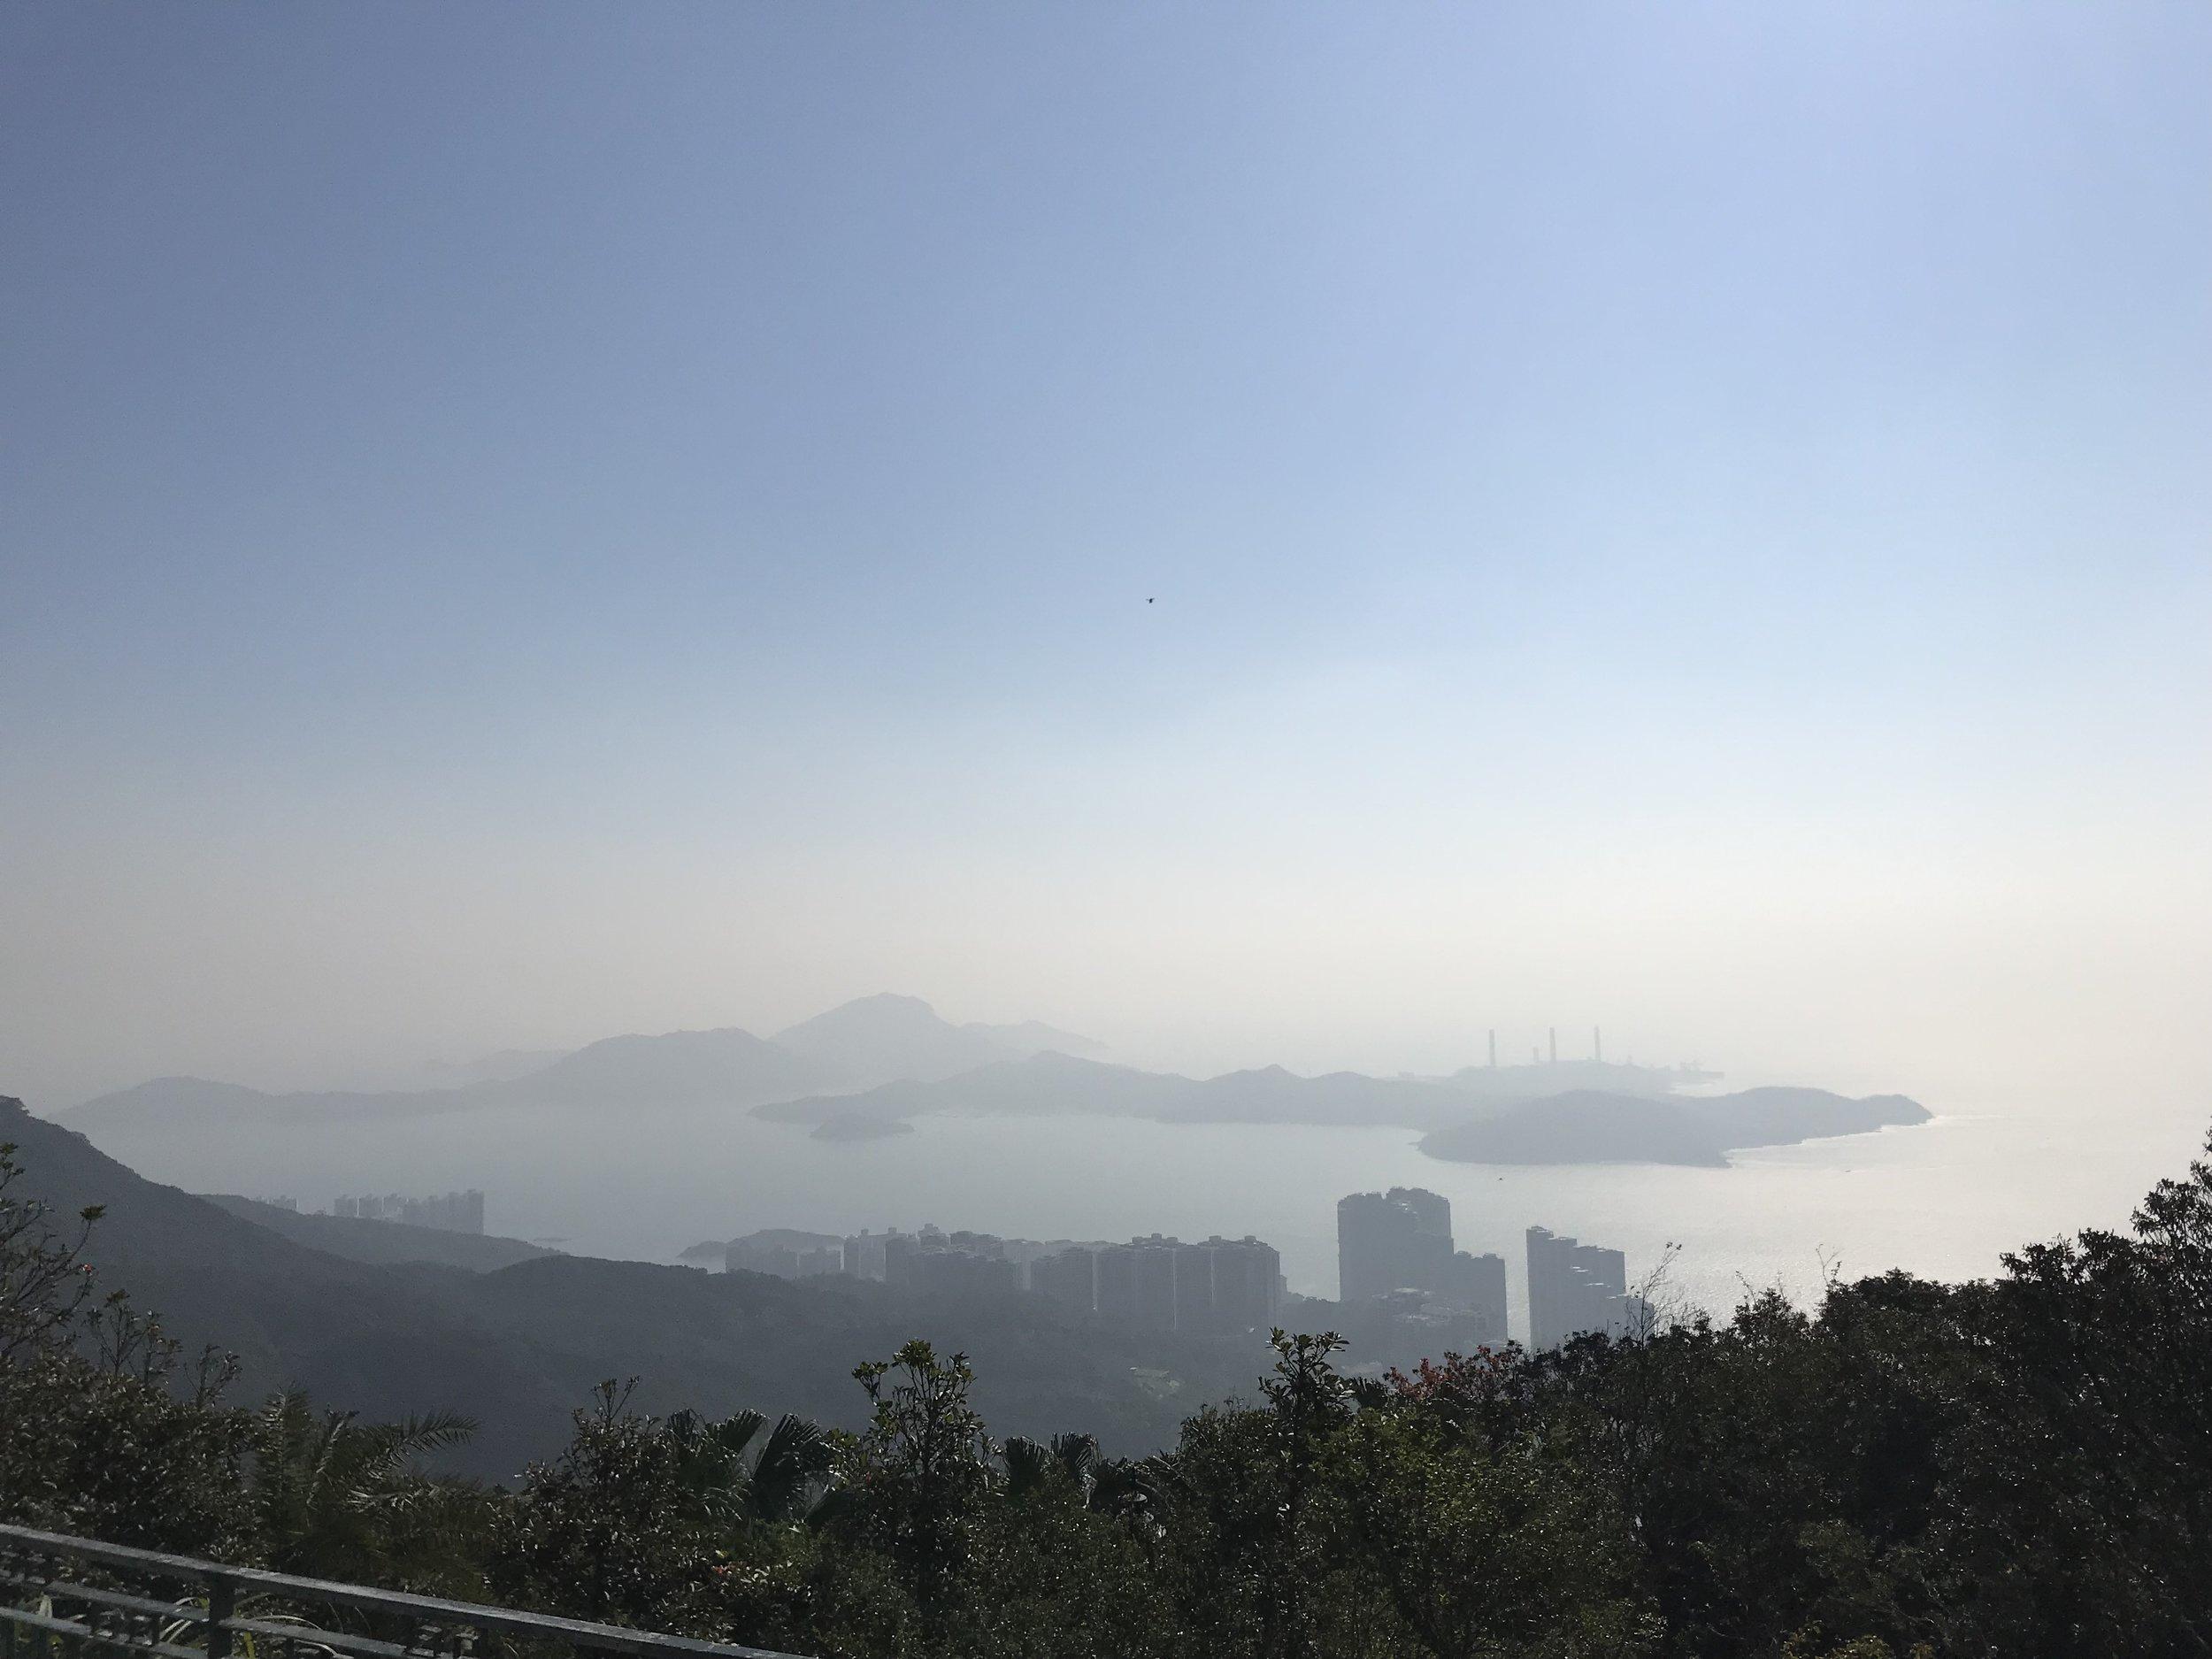 Khói ô nhiễm bao phủ Hong Kong (Hương Cảng) do ô nhiễm từ Trung Quốc bay sang có thể nhìn thấy từ trên đỉnh núi Victoria (Victoria Peak) tại Kowloon.